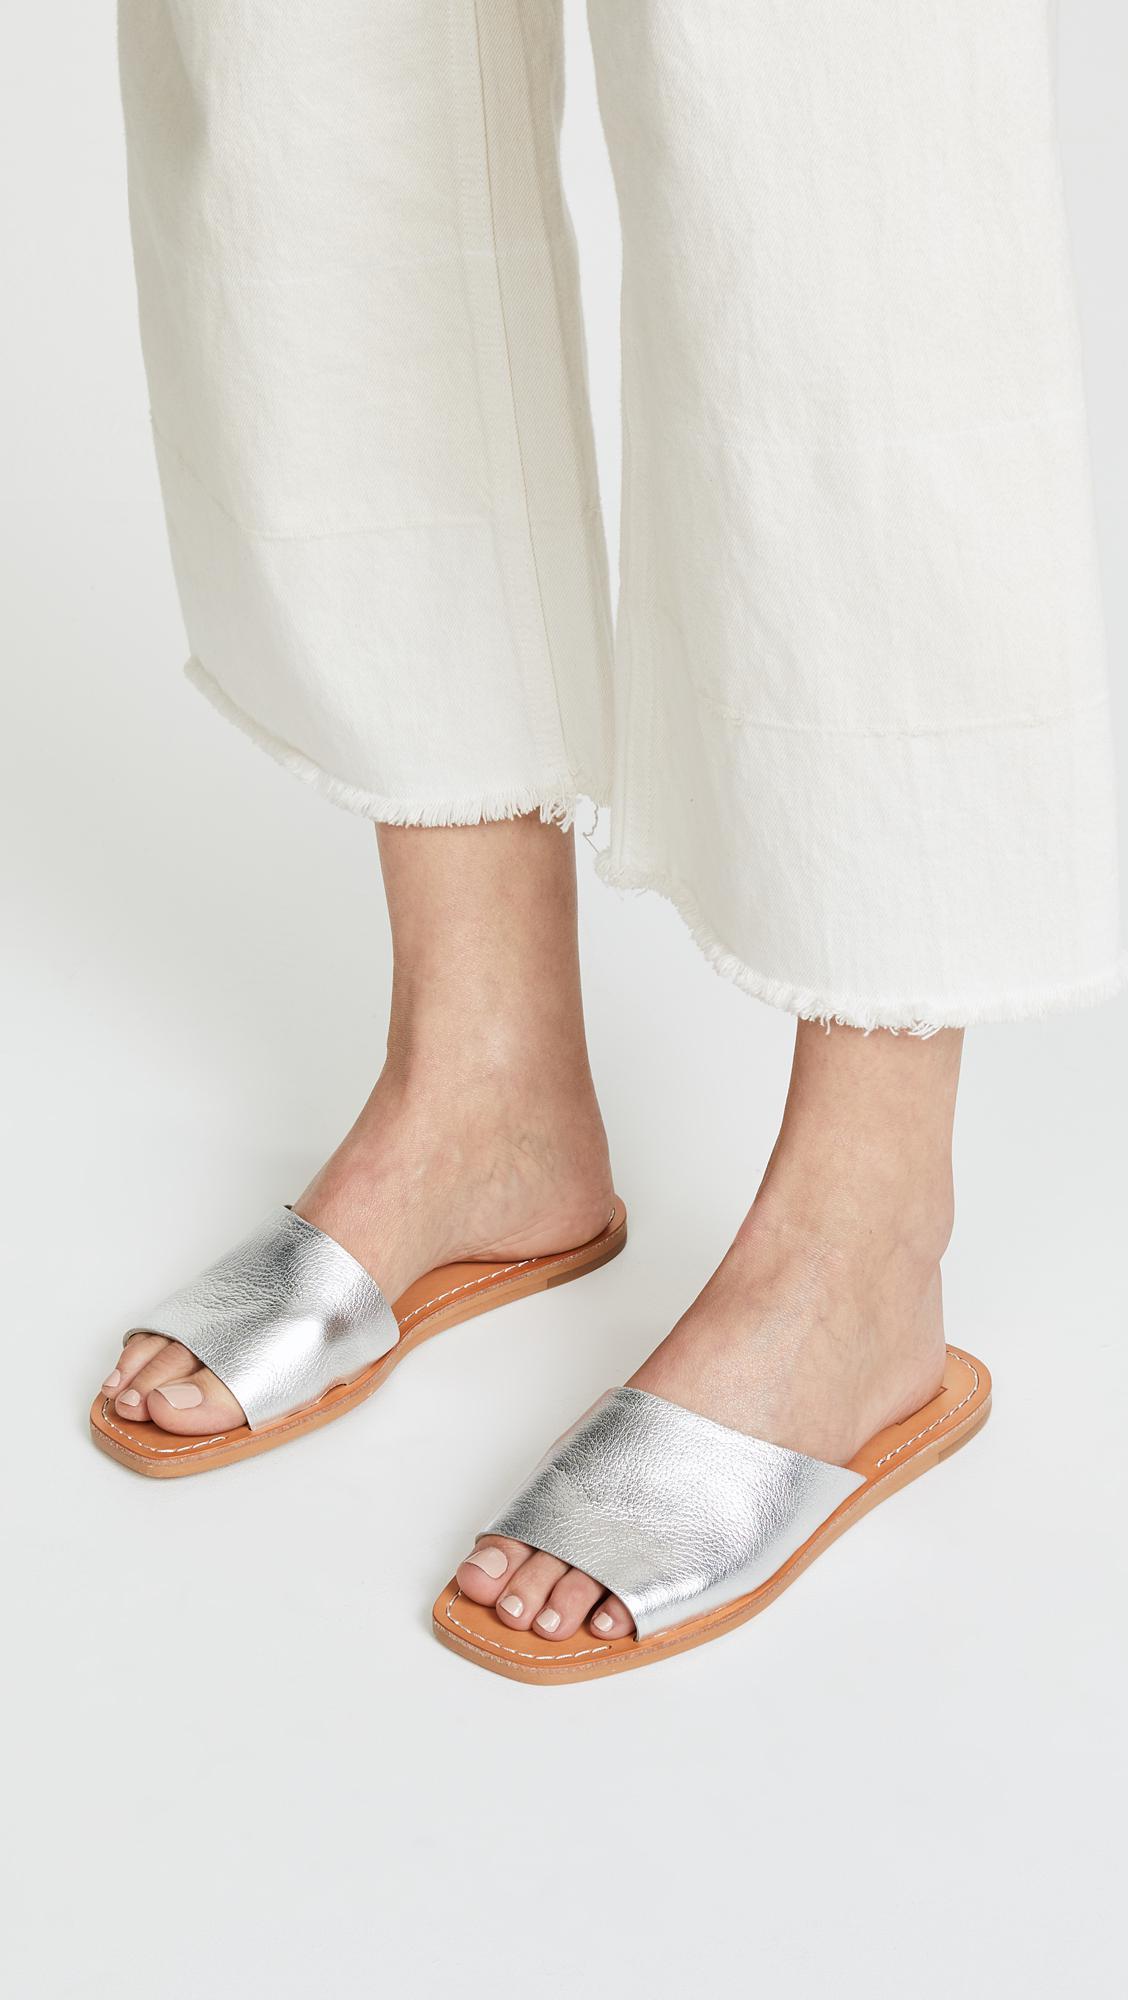 316774641002 Cato asymmetrical slide sandals nzz jpg 1128x2000 Cato sandals